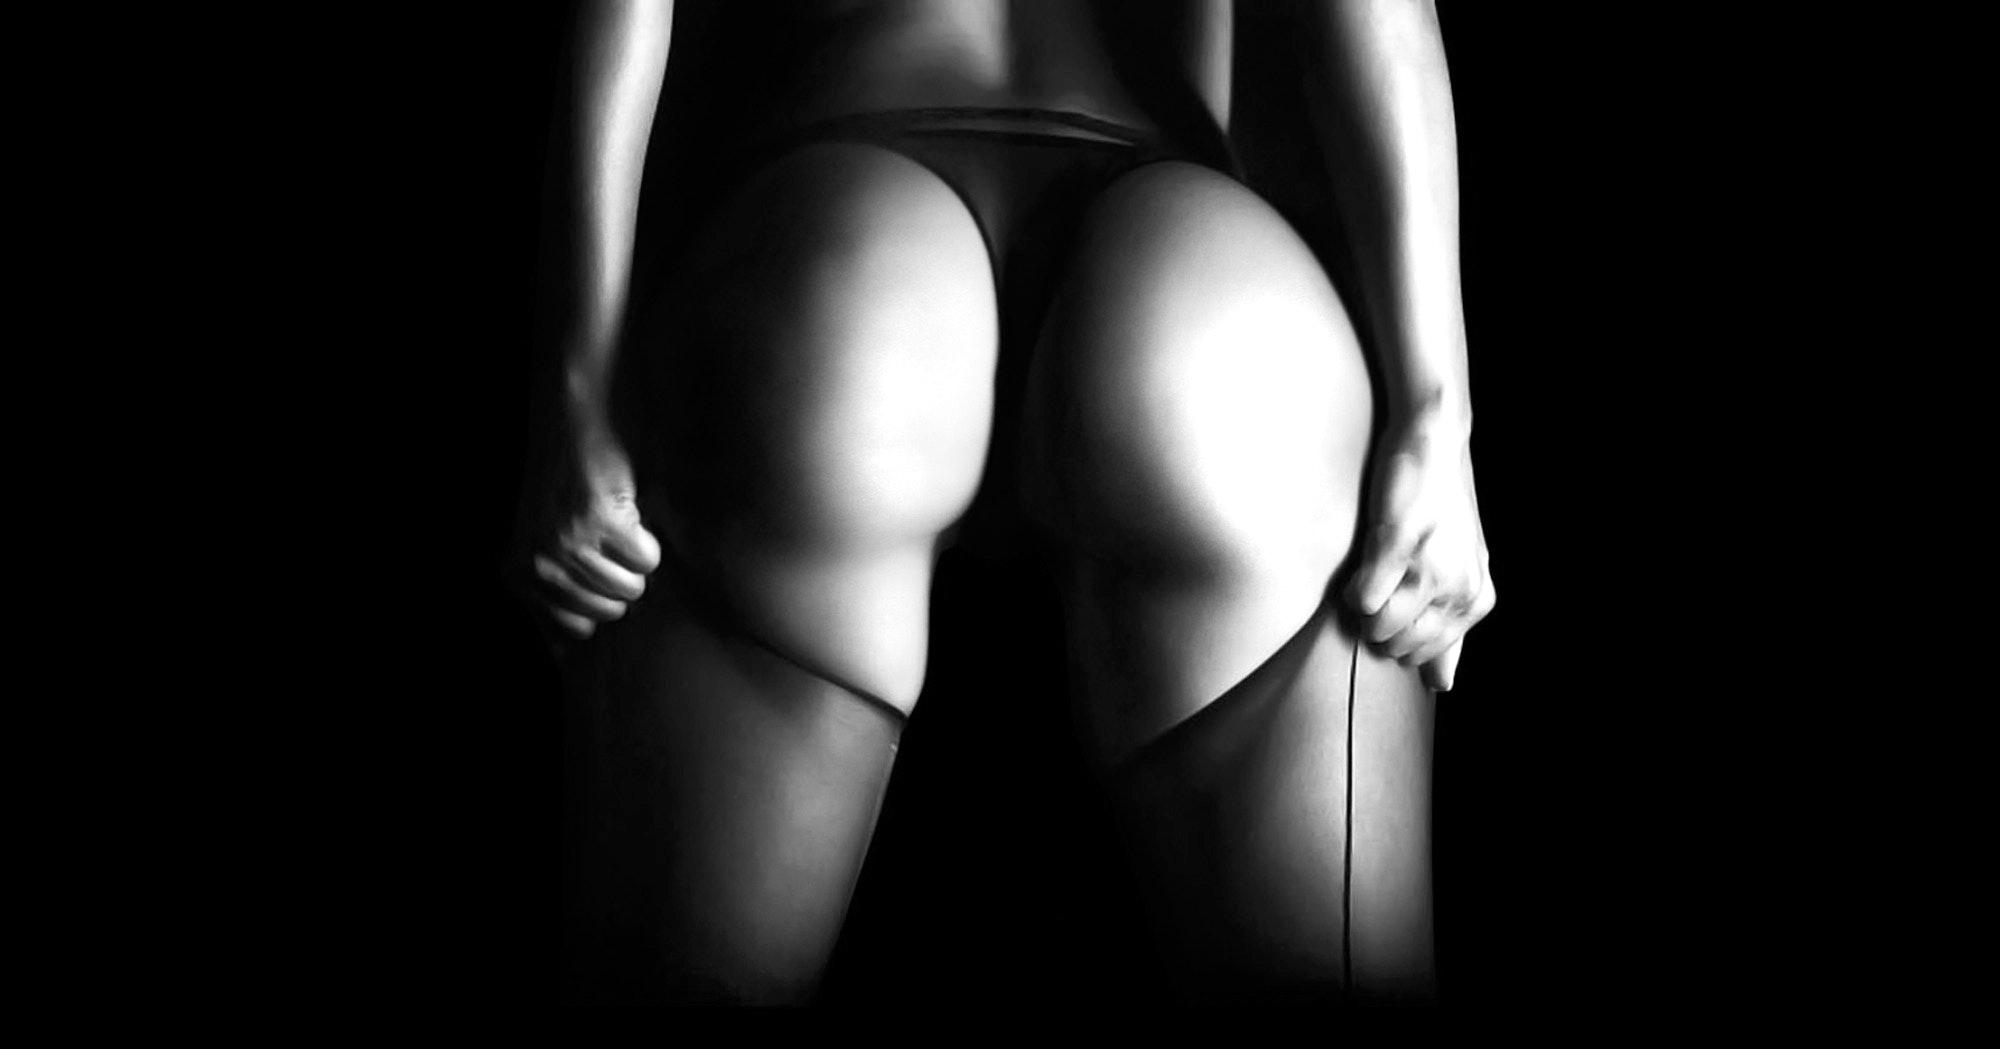 erotic-lingerie-naked-630496.jpg